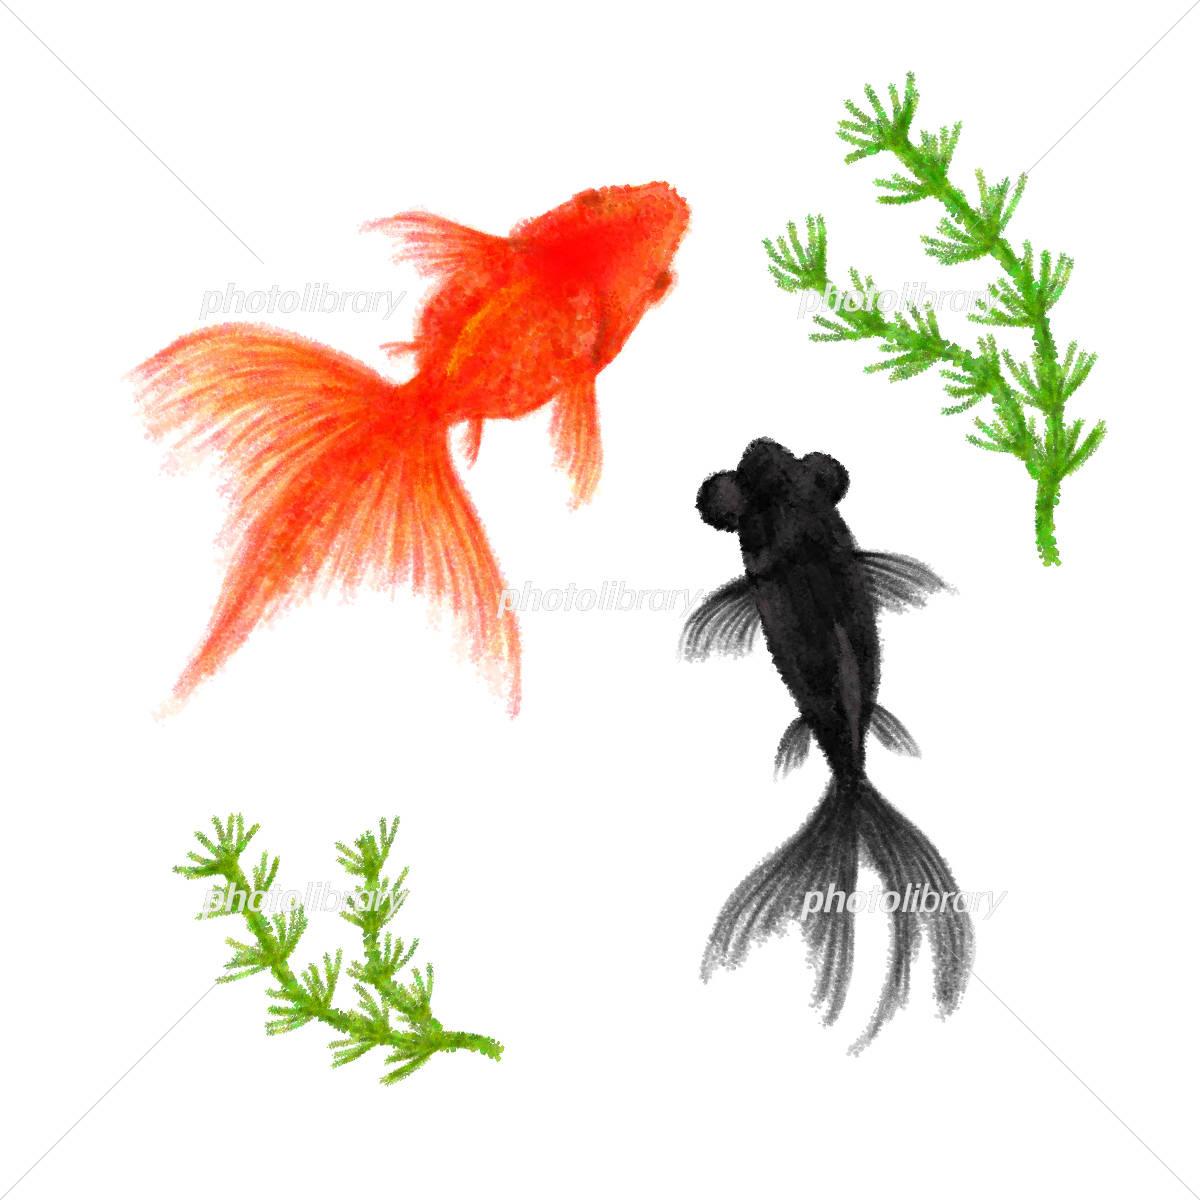 金魚 イラスト素材 4494739 フォトライブラリー Photolibrary